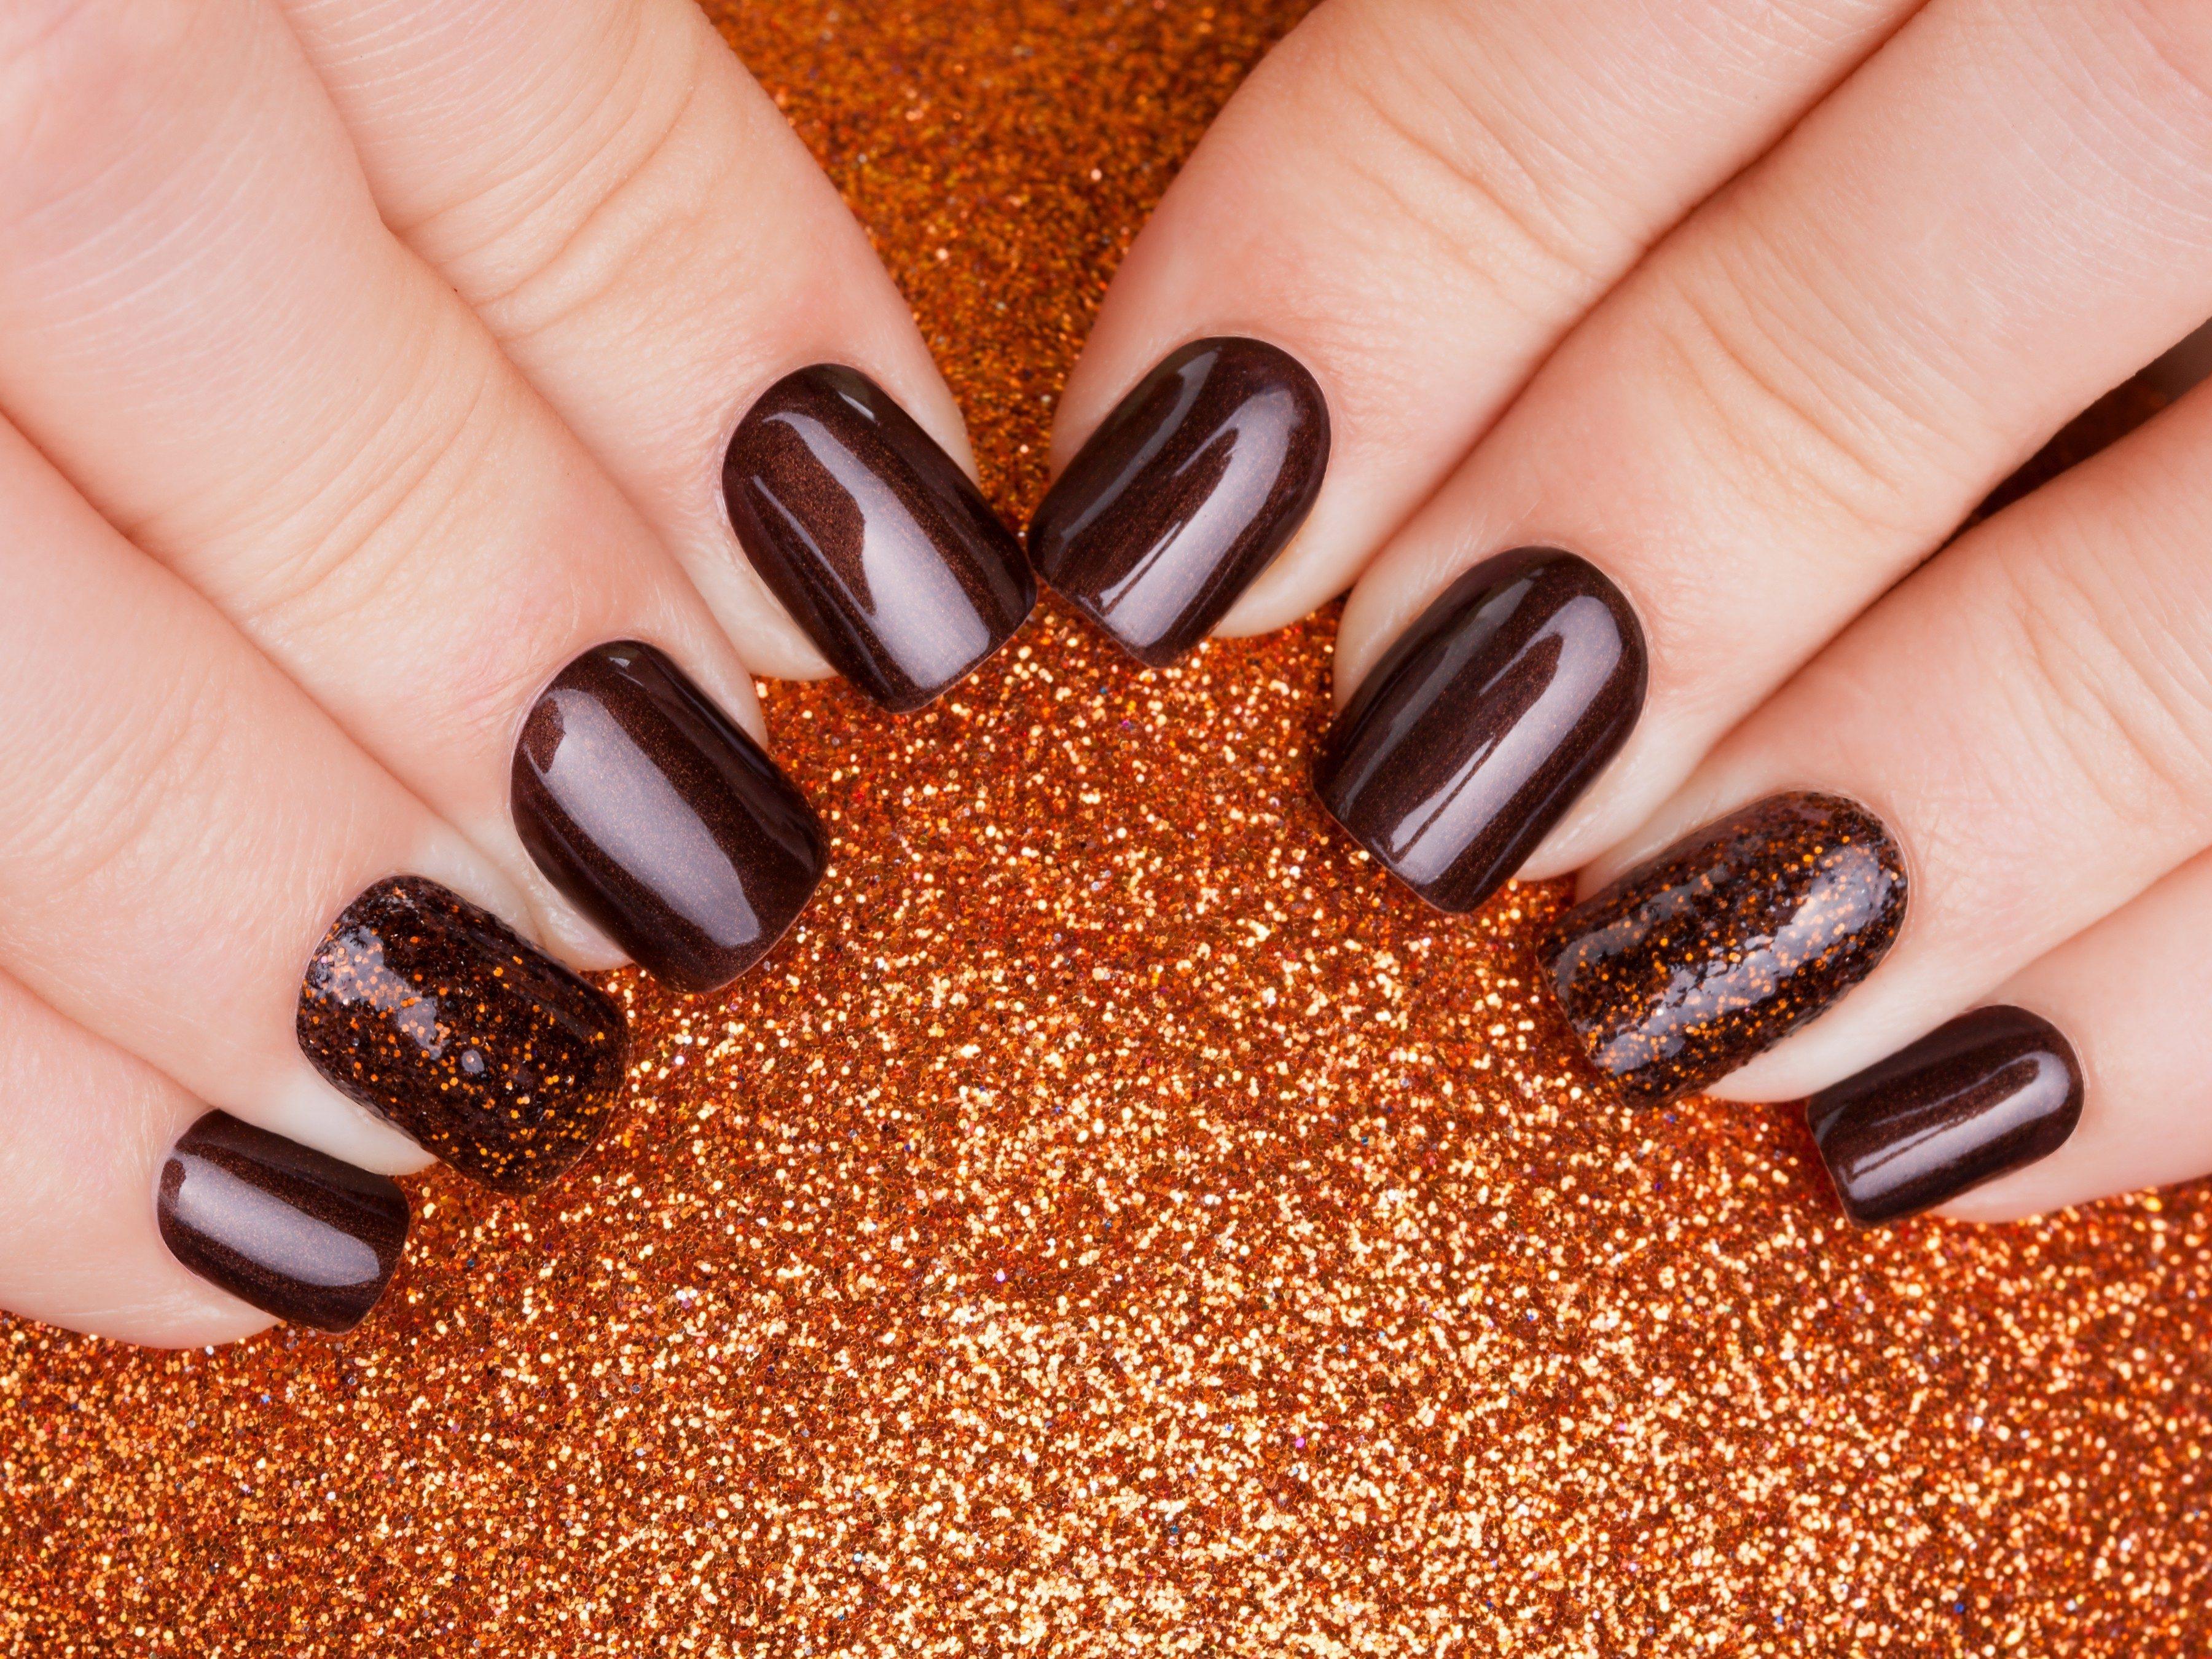 Nail Polish Tip #2: Use Acetate Press-On Nails